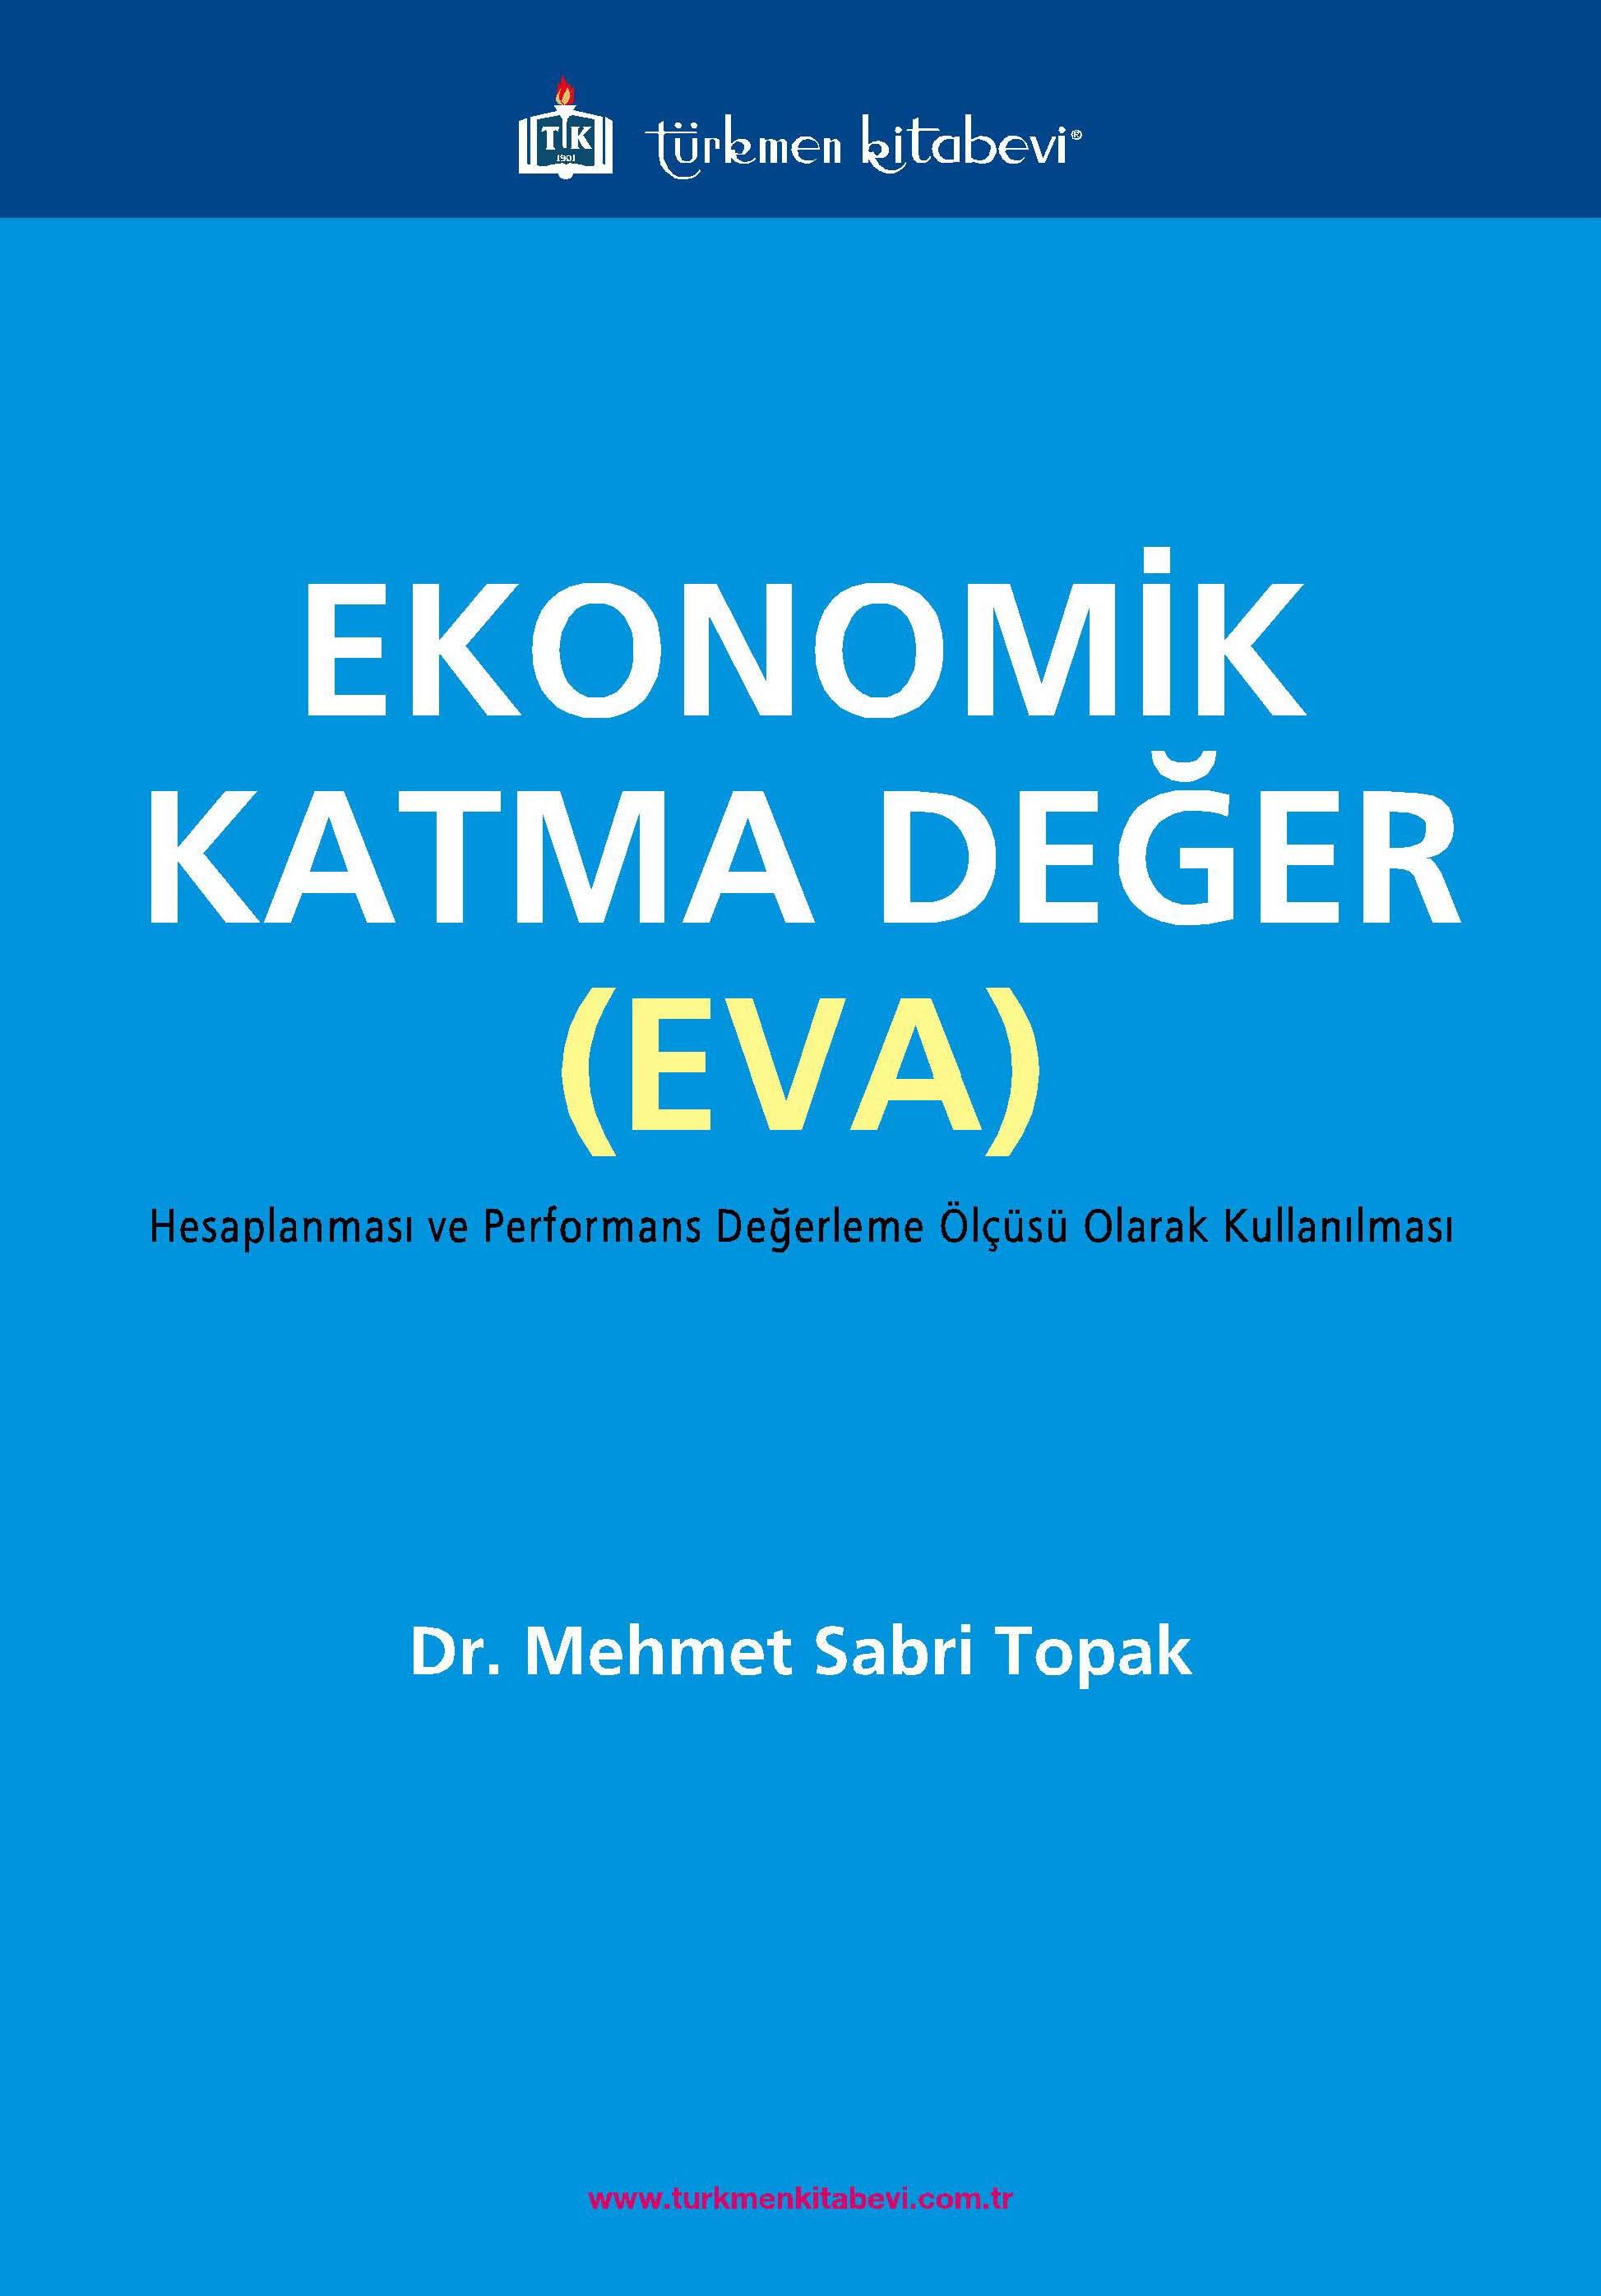 Ekonomik Katma Değer (EVA)